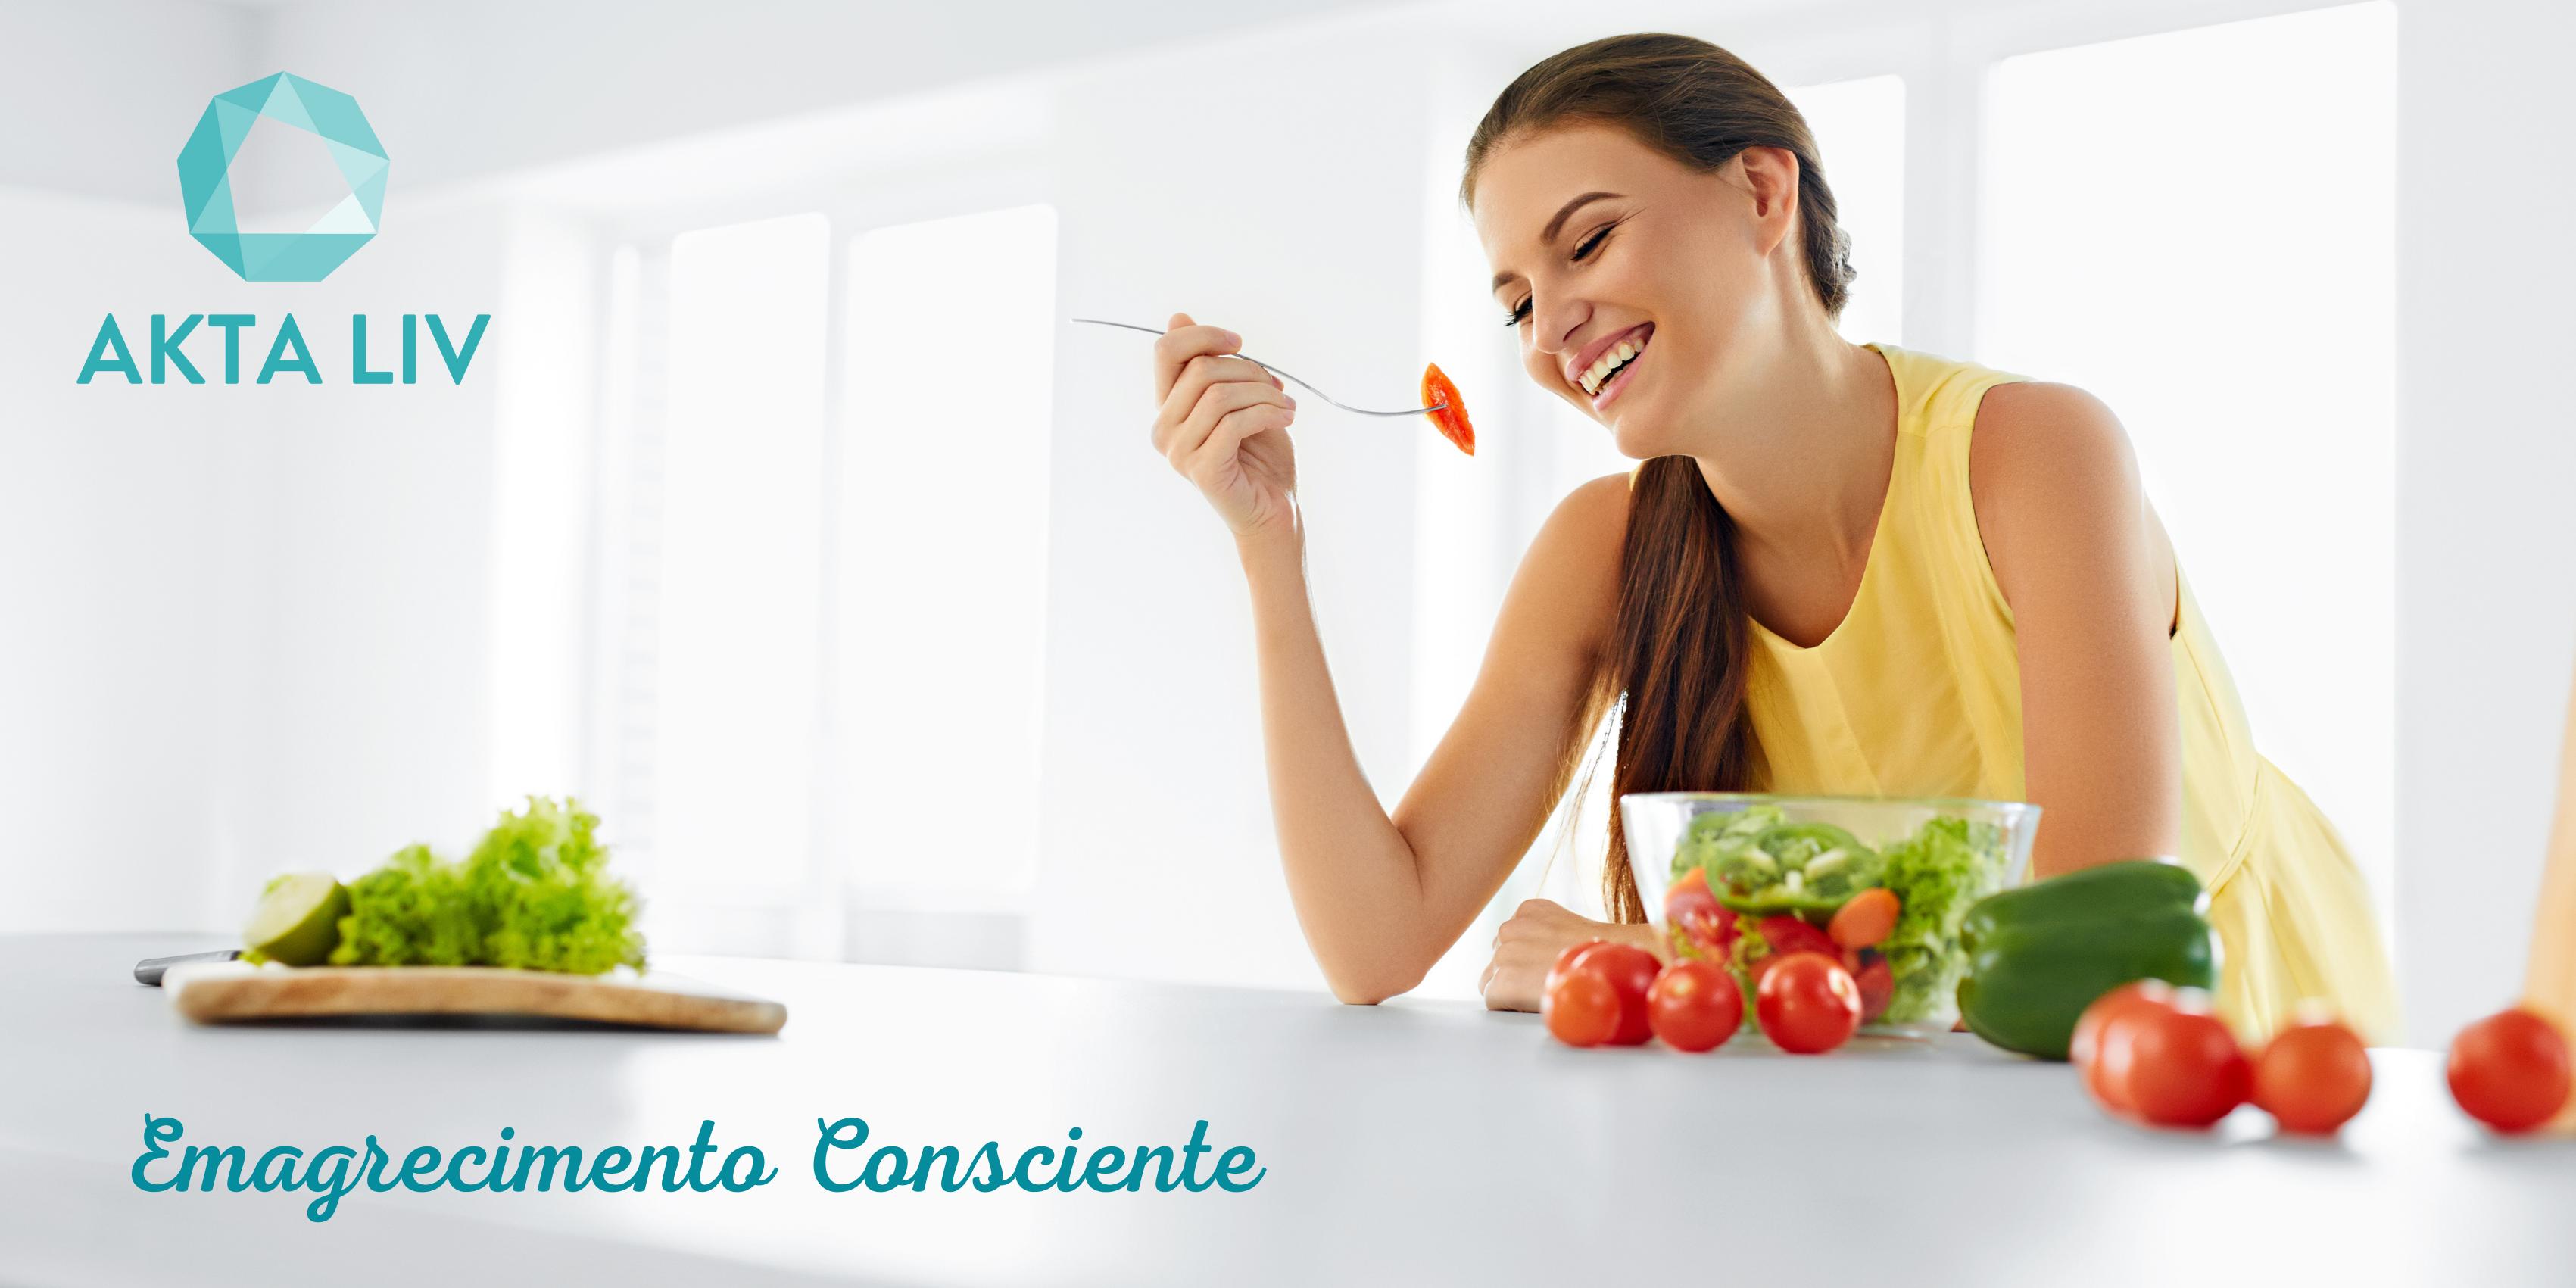 AKTA-Liv-endocrinologia-obesidade-emagrecimento-consciente-blog